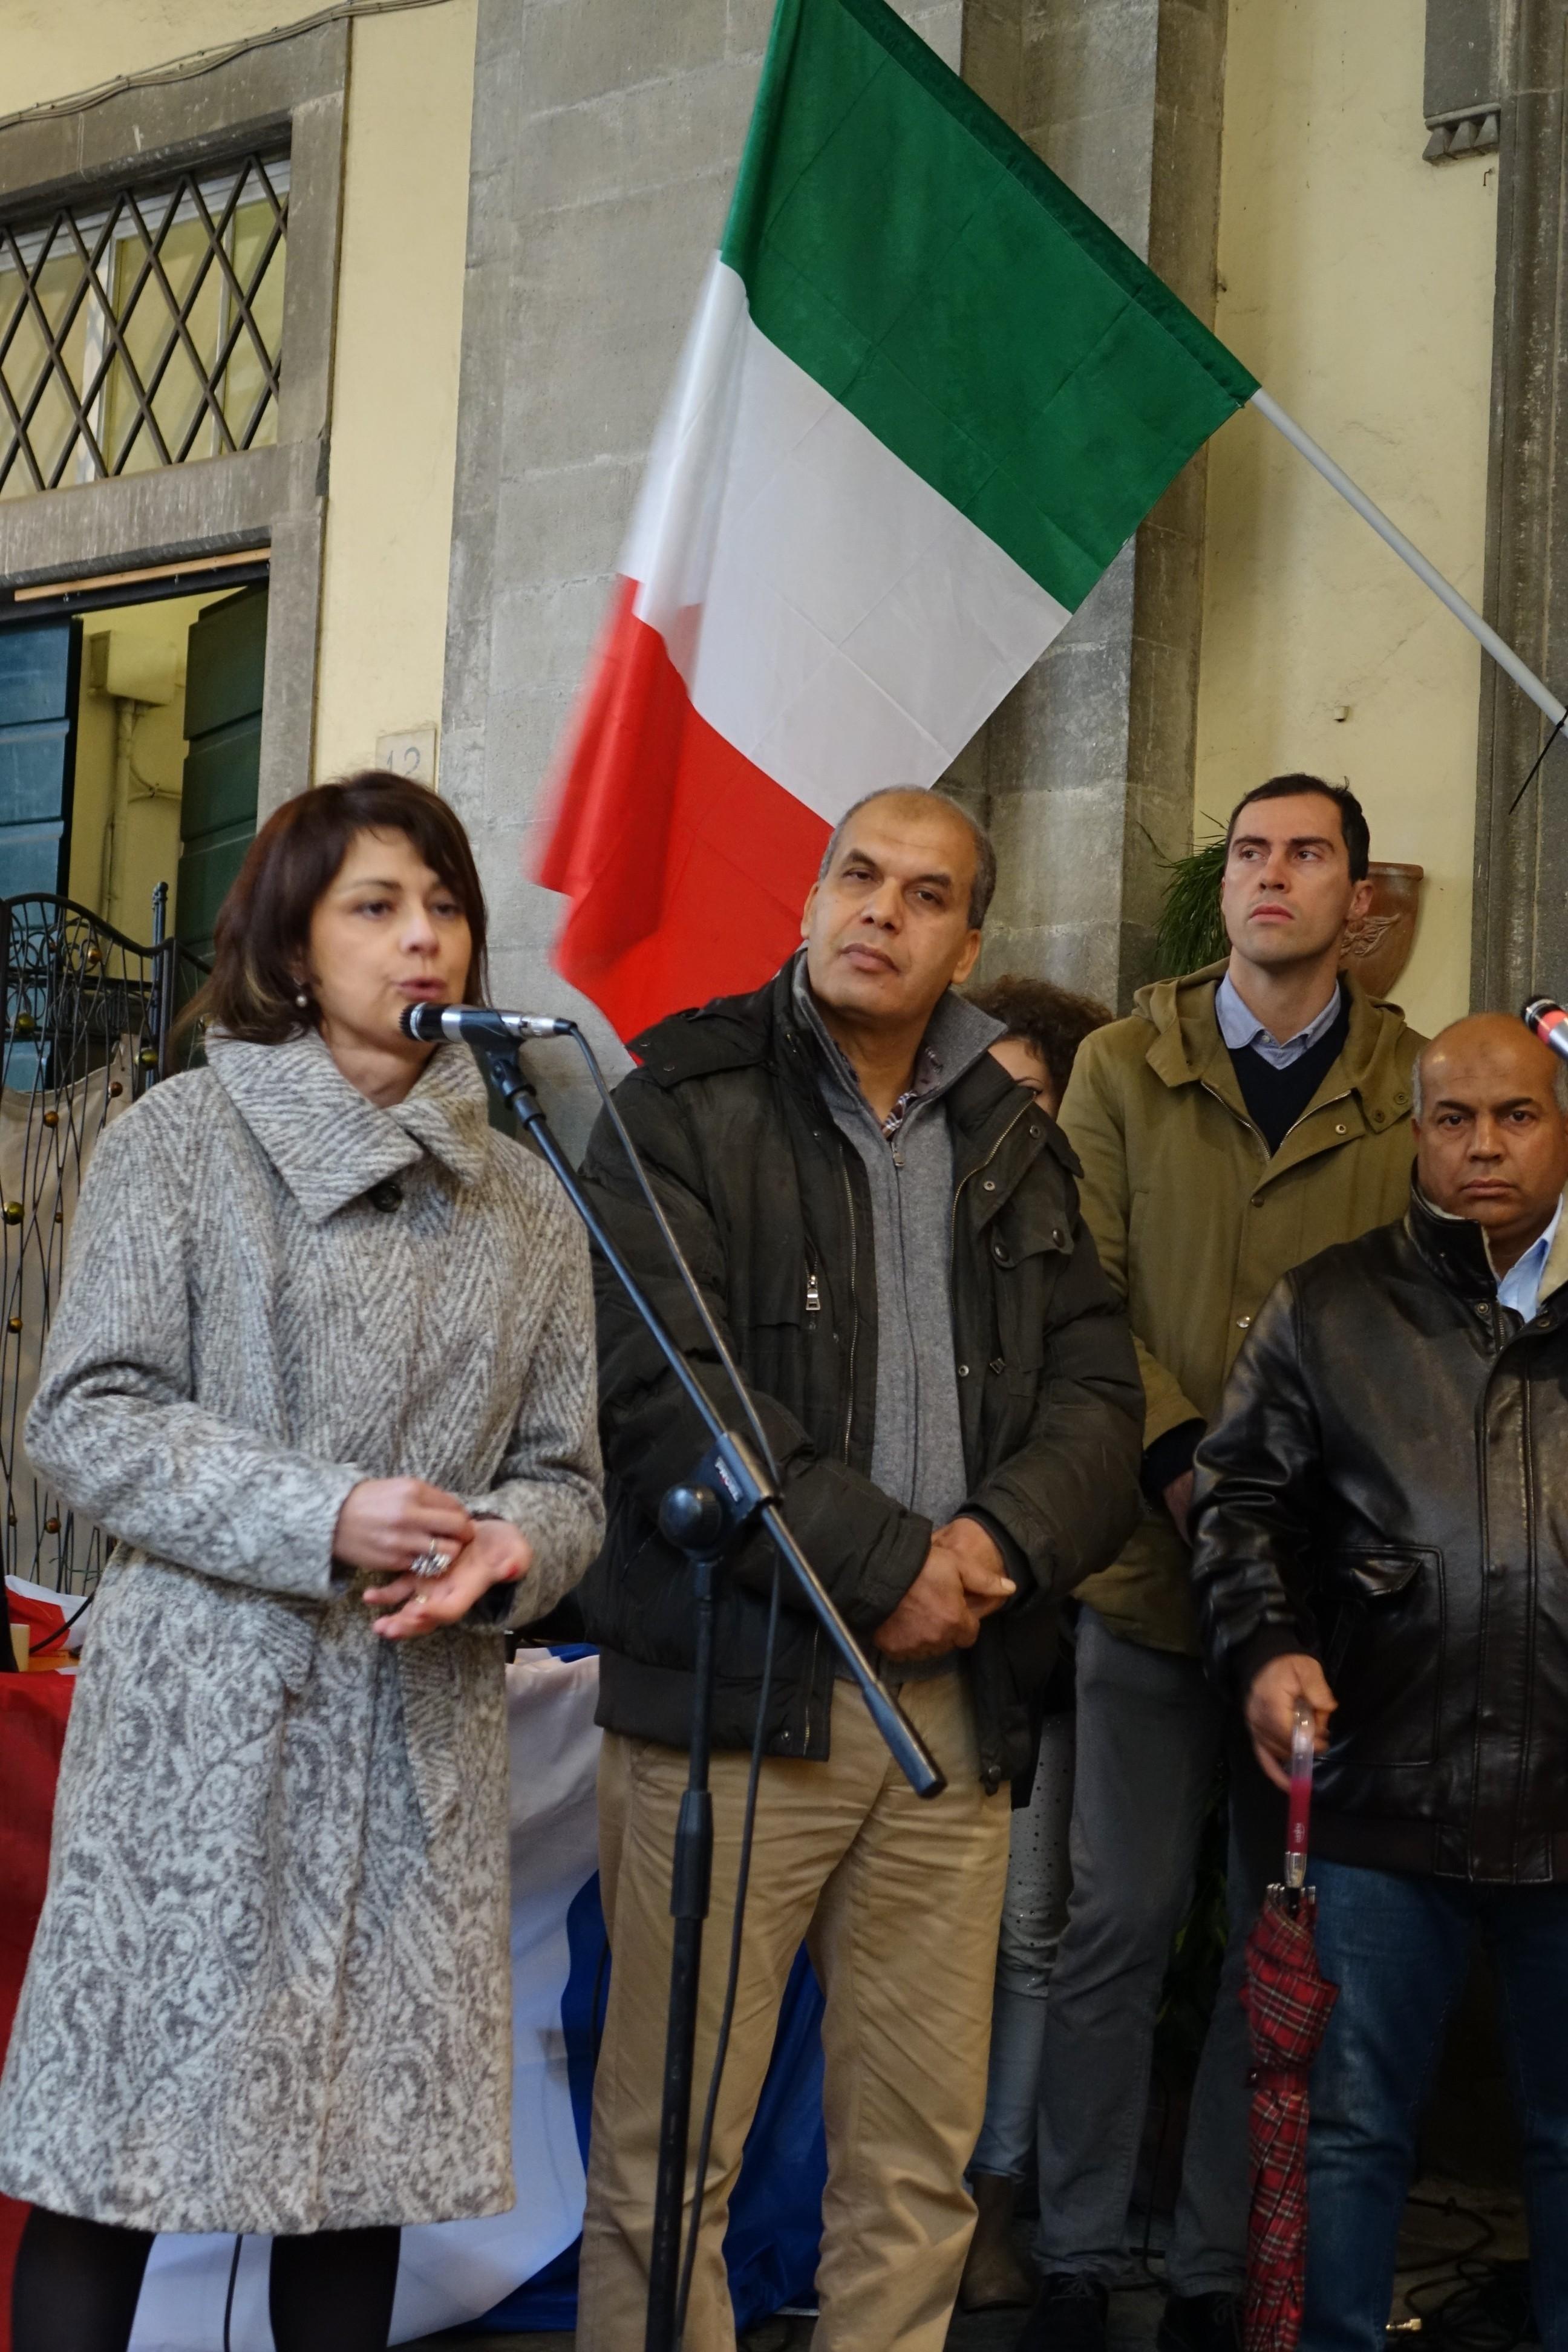 Manifestazione a sostegno della Francia, l'intervento del Sindaco Basanieri